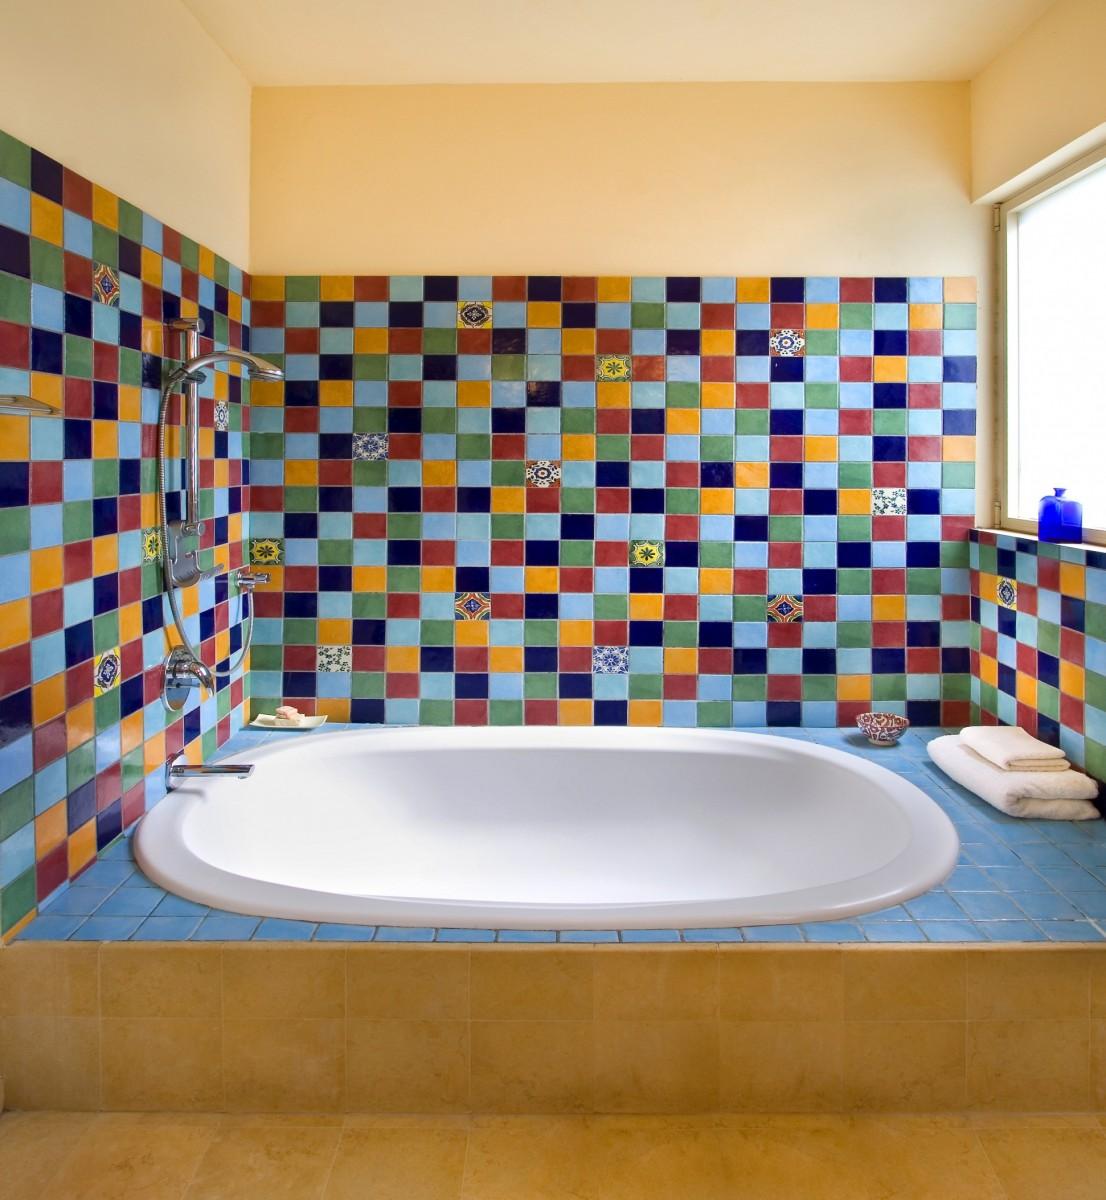 אריחי קרמיקה מעוטרים לאמבטיה